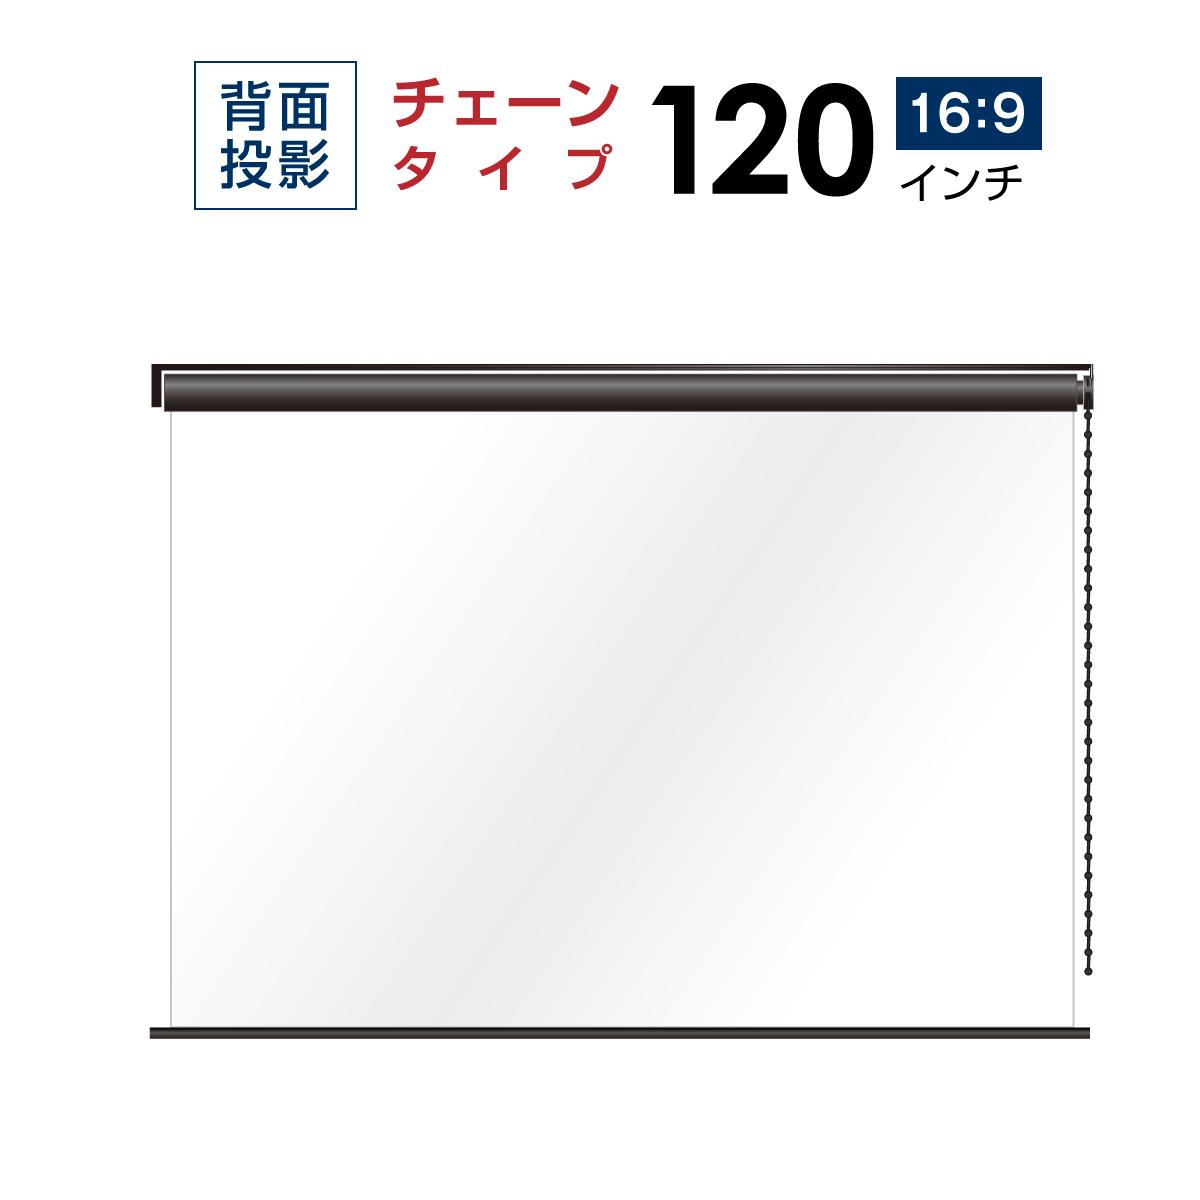 プロジェクタースクリーン リア投影タイプ【10年保証/送料無料】 チェーンスクリーン 120インチ(16:9) シアターハウス BCH2660FTS